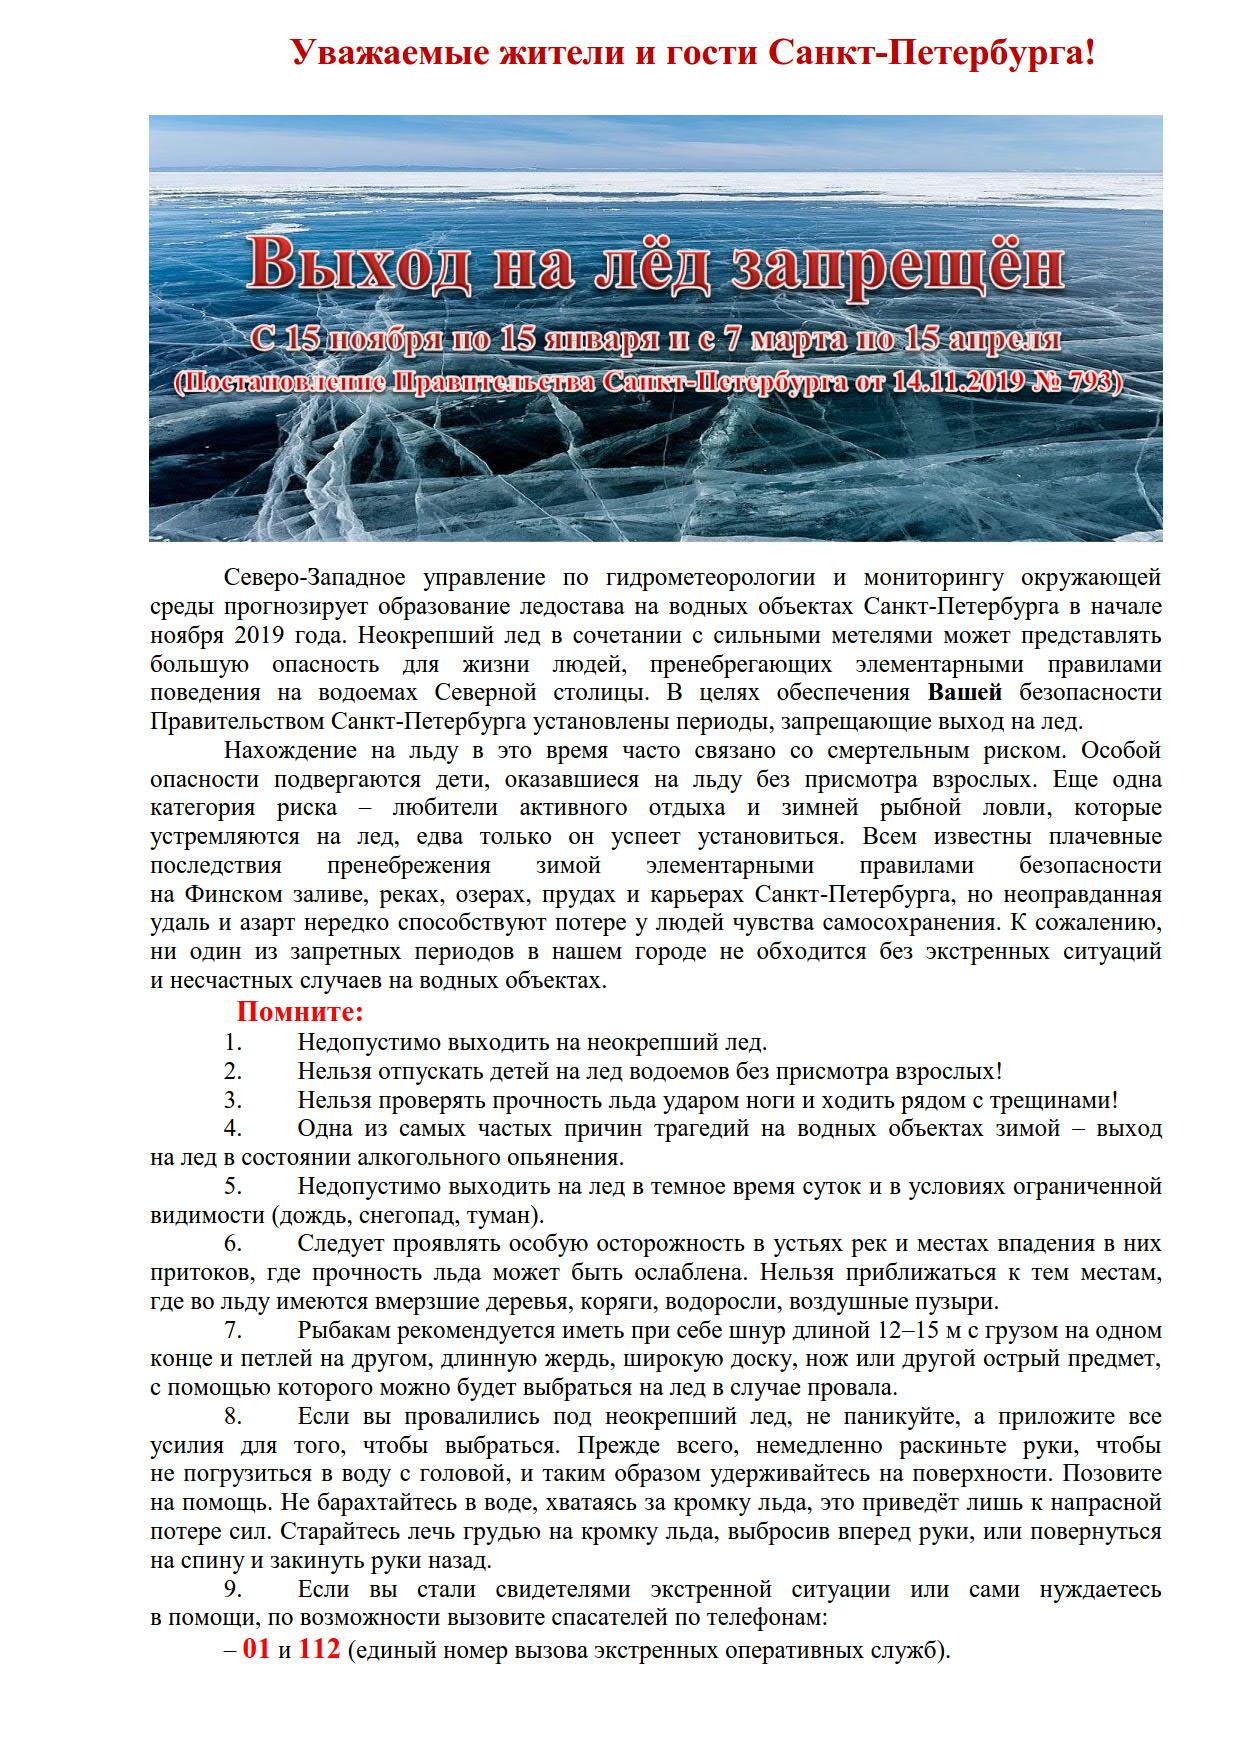 Памятка-о-запрете-выхода-на-лёд-в-установленные-постановлением-Правительства-Санкт-Петербурга-от-14.11.2019-793-периоды_1